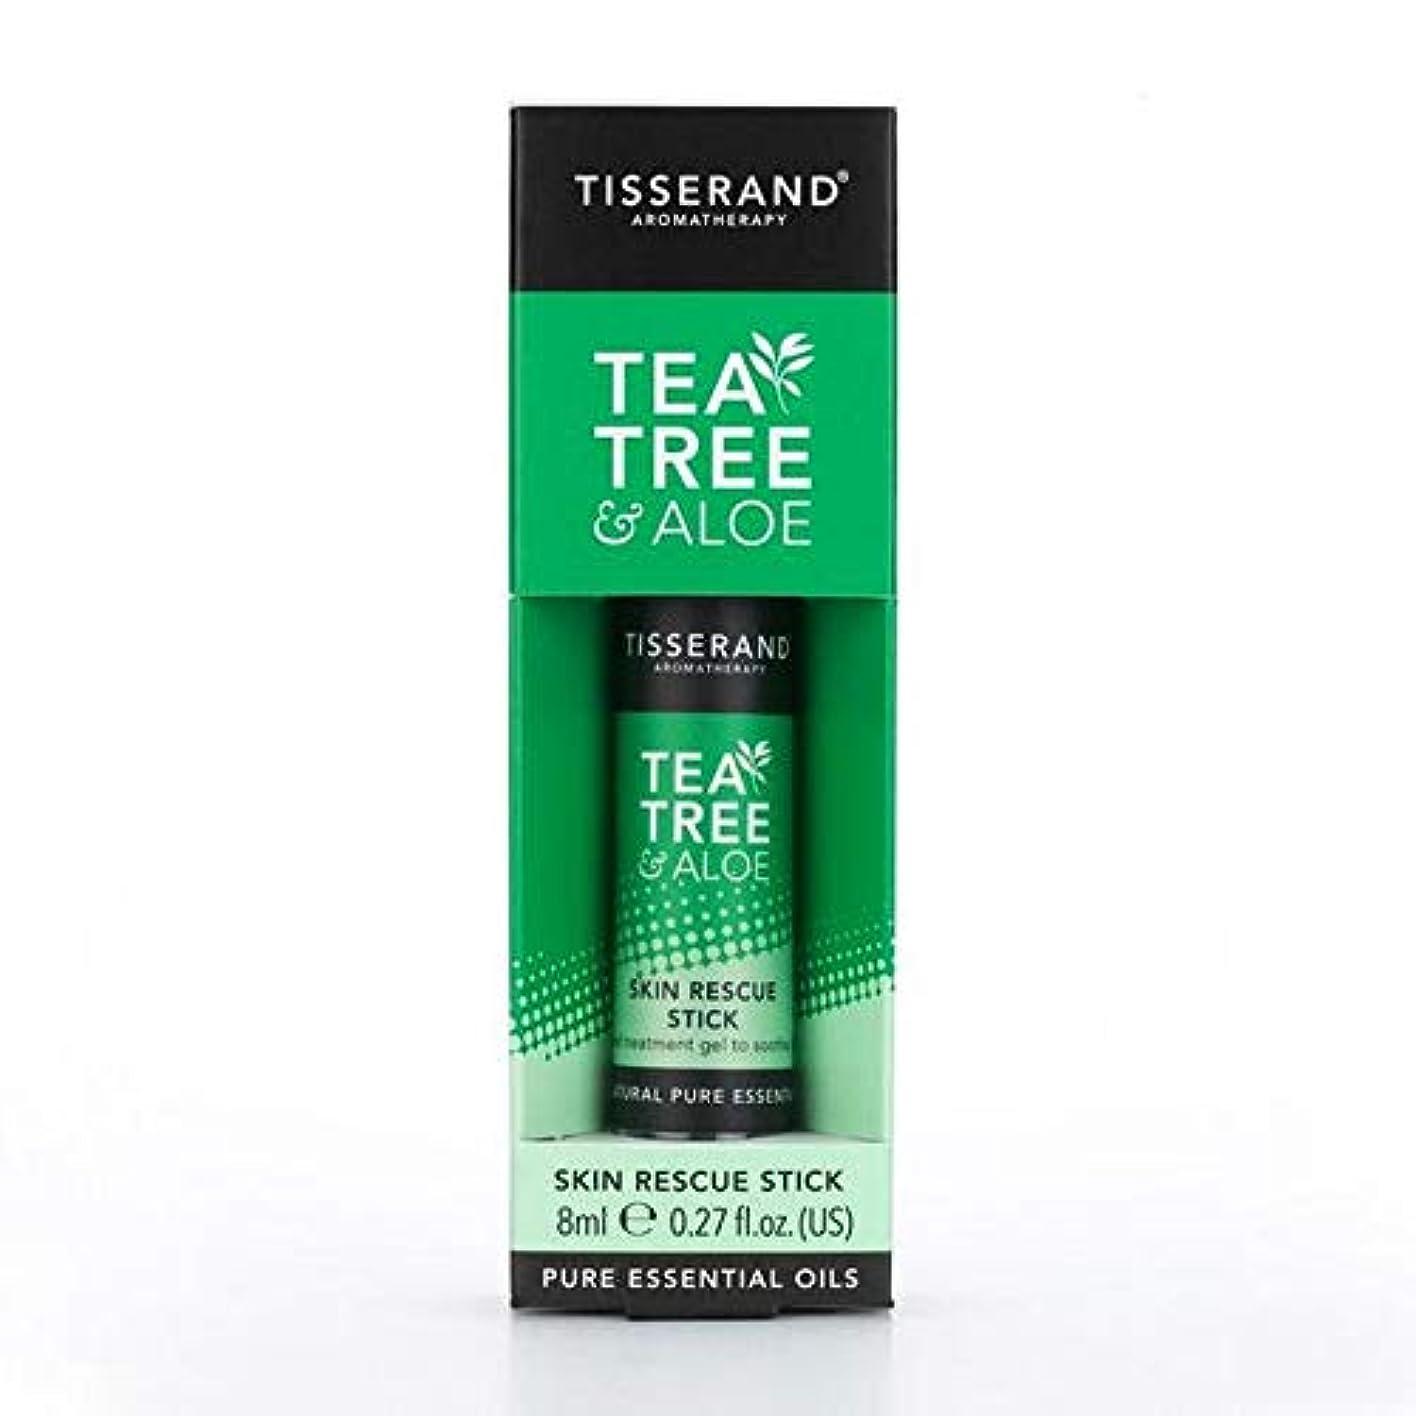 マッサージ稼ぐティーンエイジャー[Tisserand] ティスランドティーツリー&アロエレスキュースティック8ミリリットル - Tisserand Tea Tree & Aloe Rescue Stick 8ml [並行輸入品]